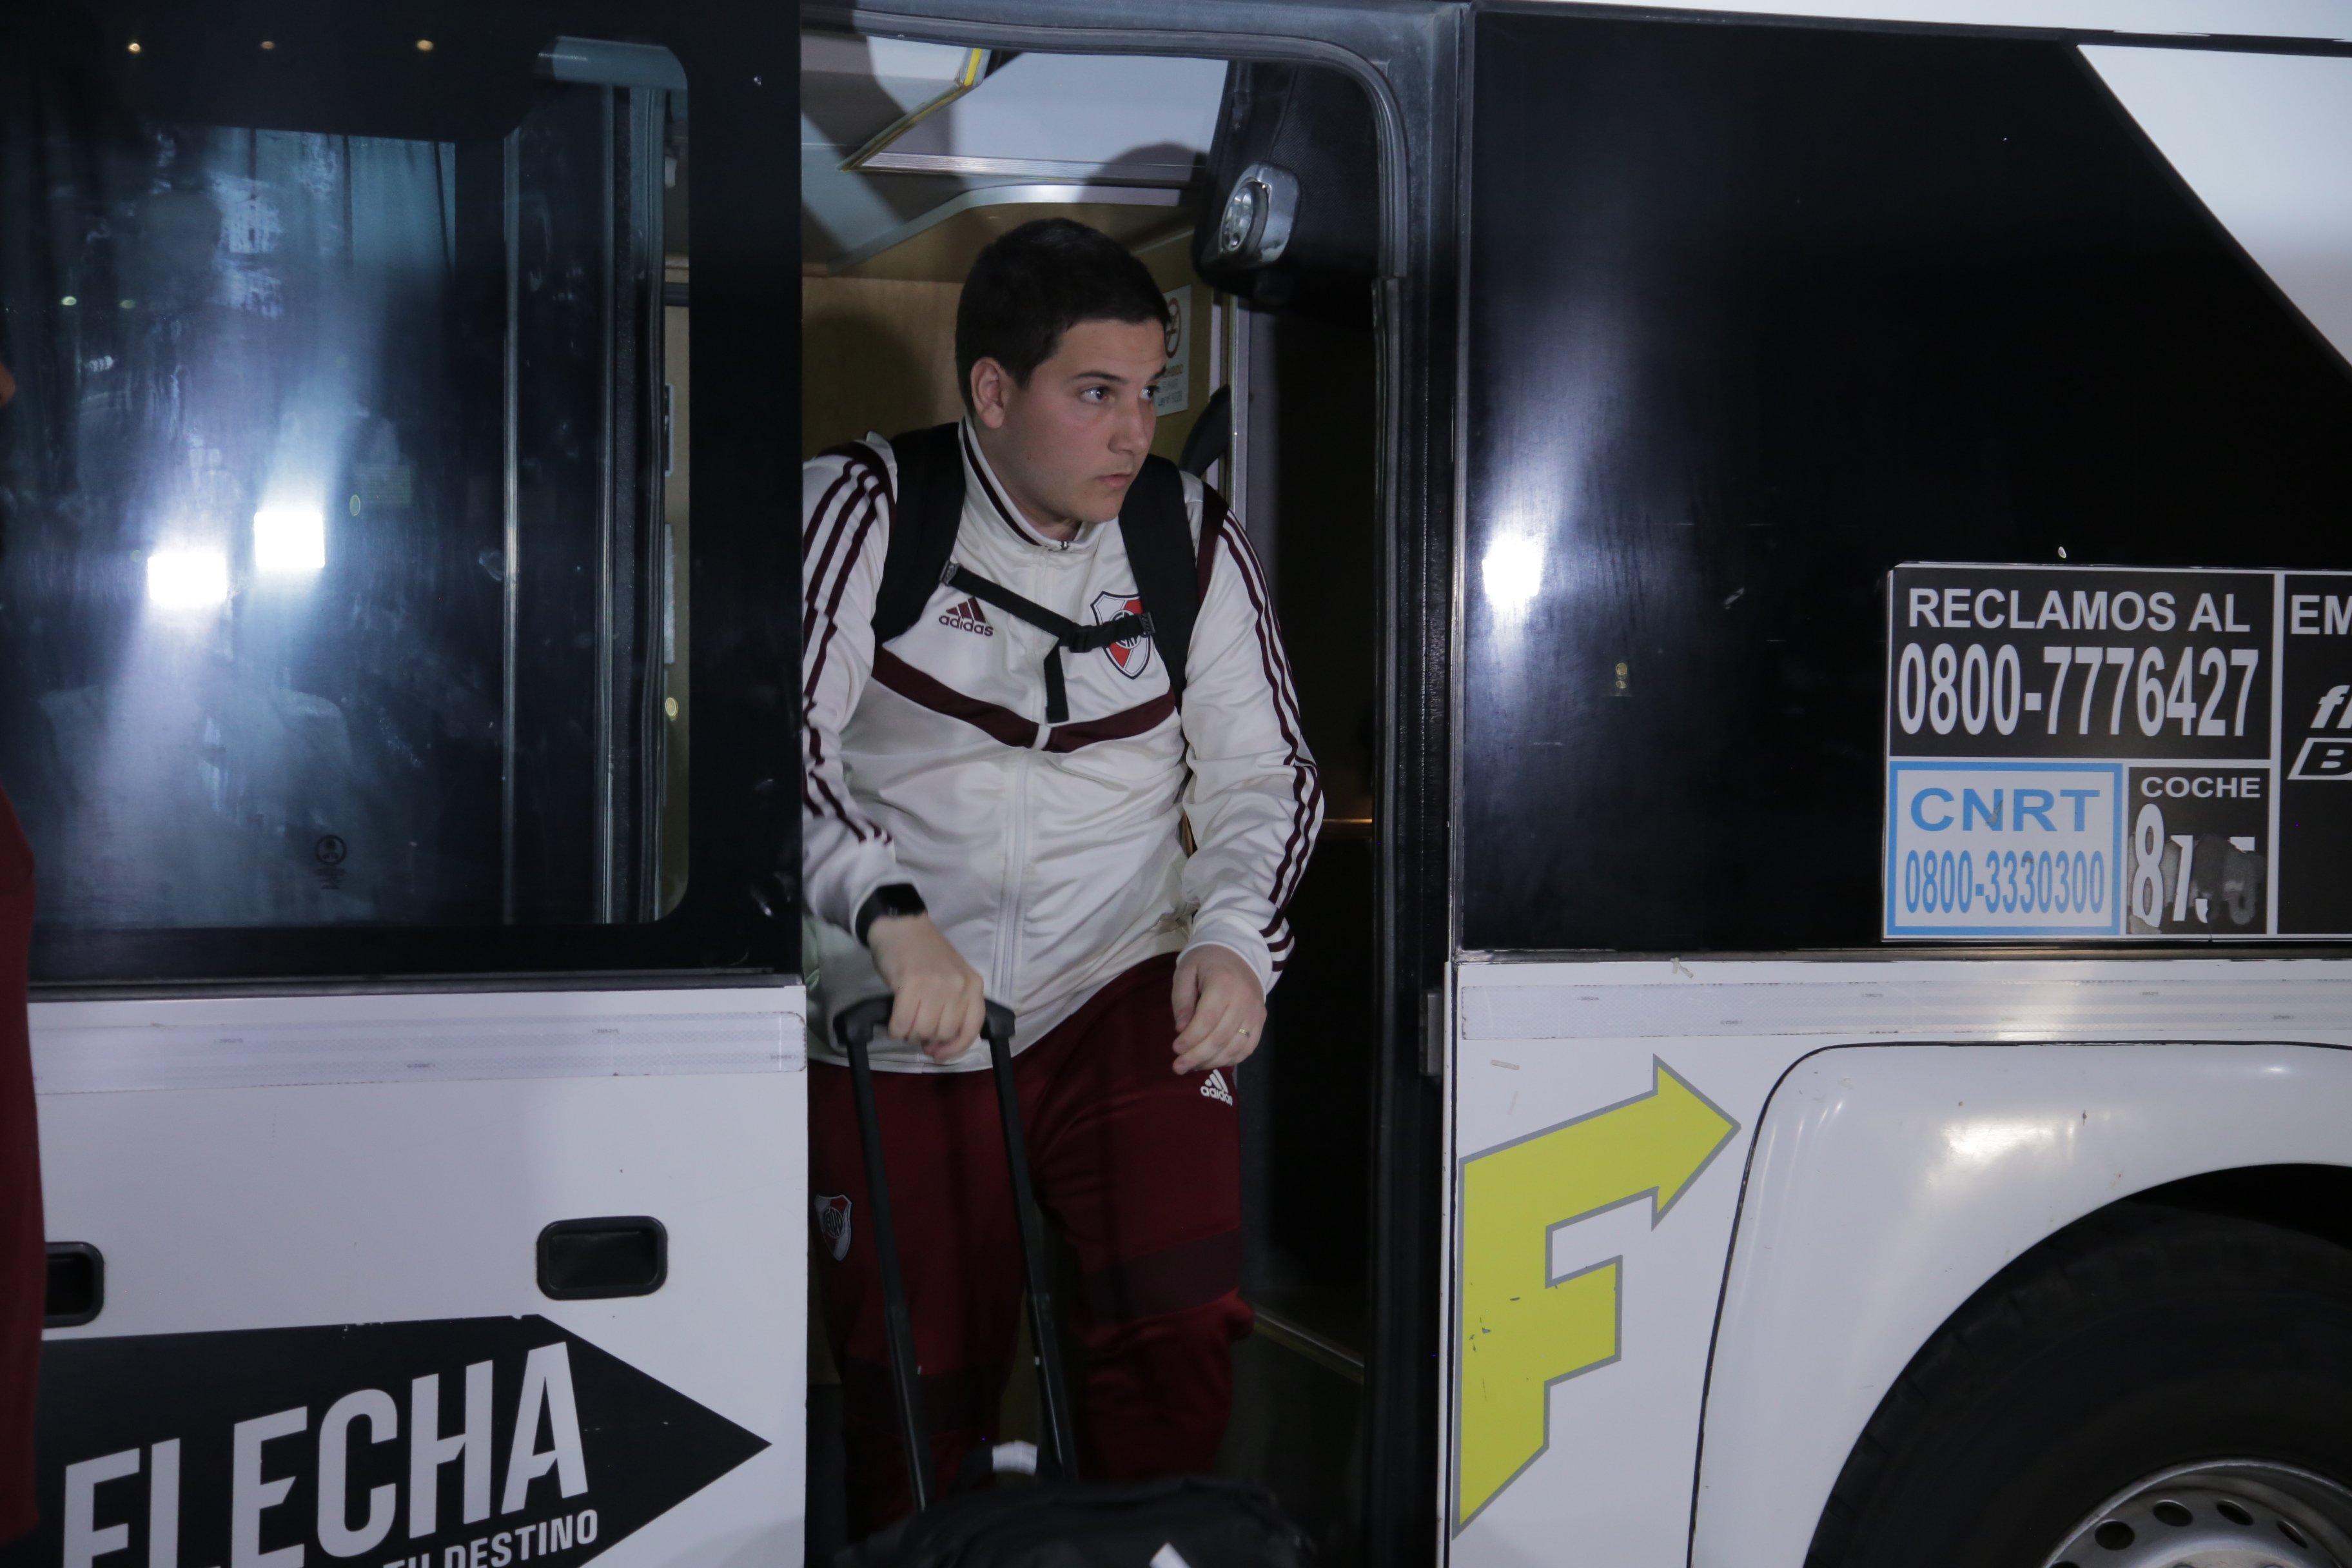 River Plate Copa Argentina Almagro Mendoza Malvinas Argentinas hinchas Hotel Intercontinental Marcelo Gallardo